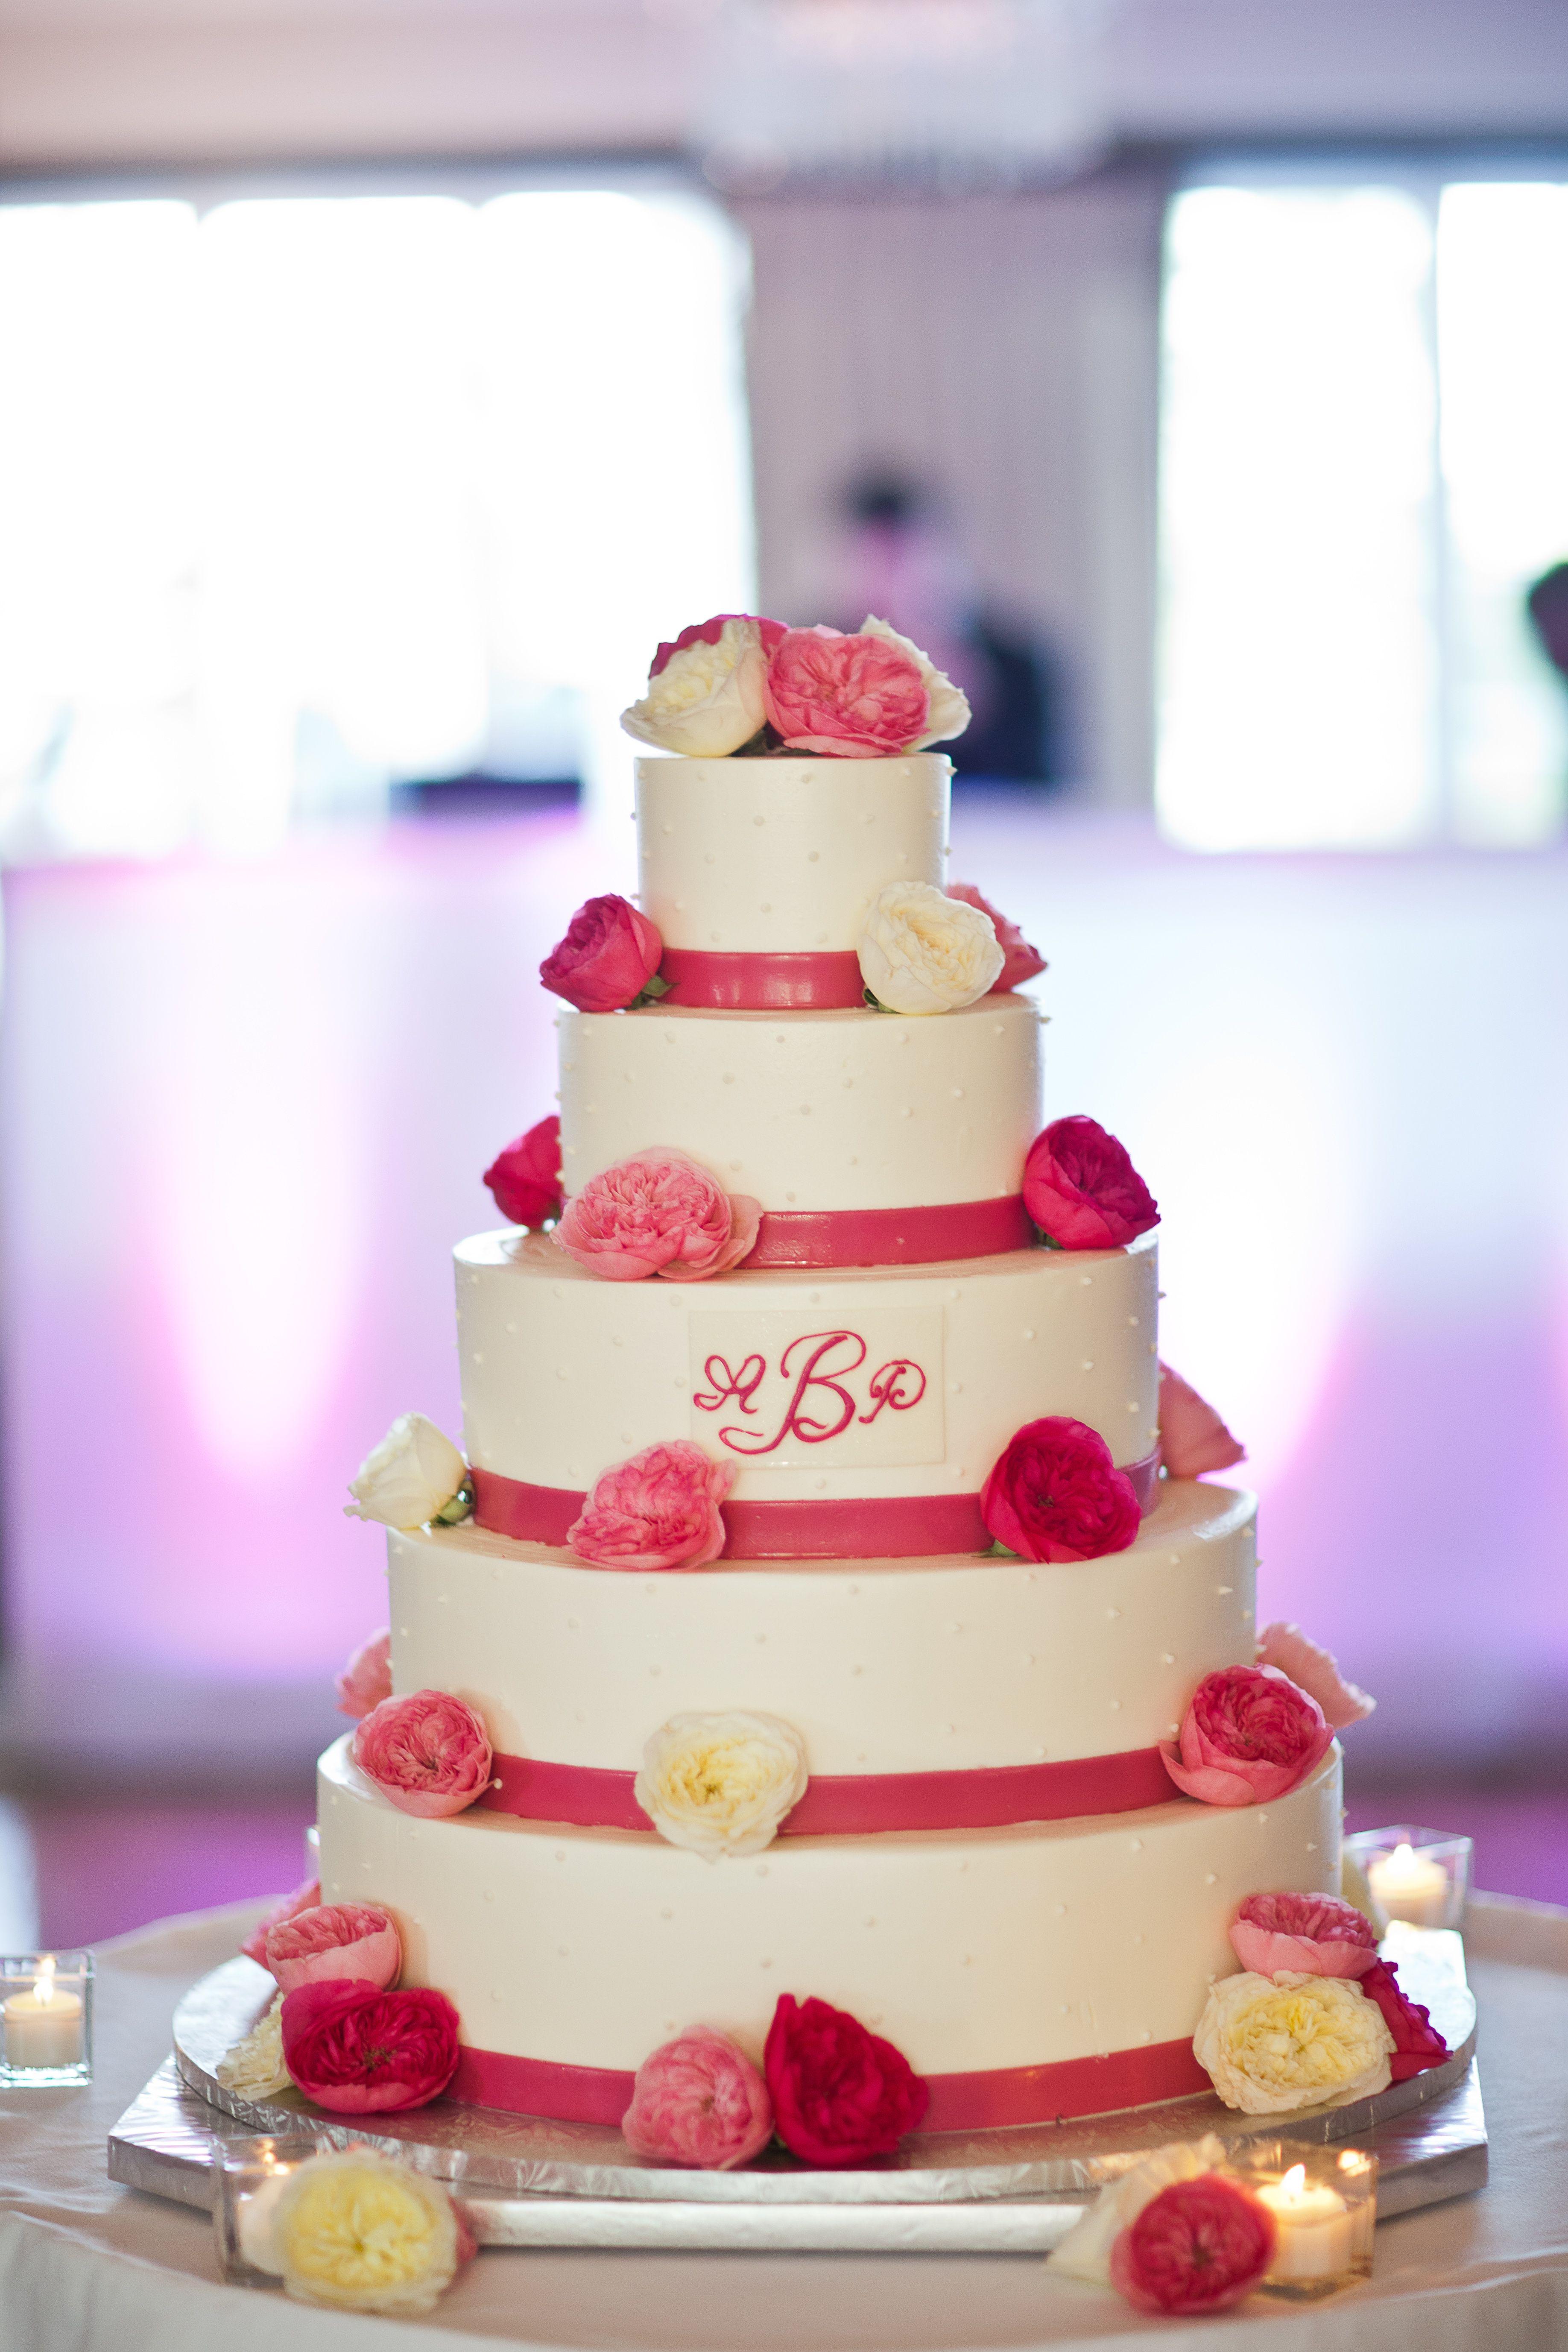 Edward Weiland Photography/Cake | Wedding | Pinterest | Wedding and ...